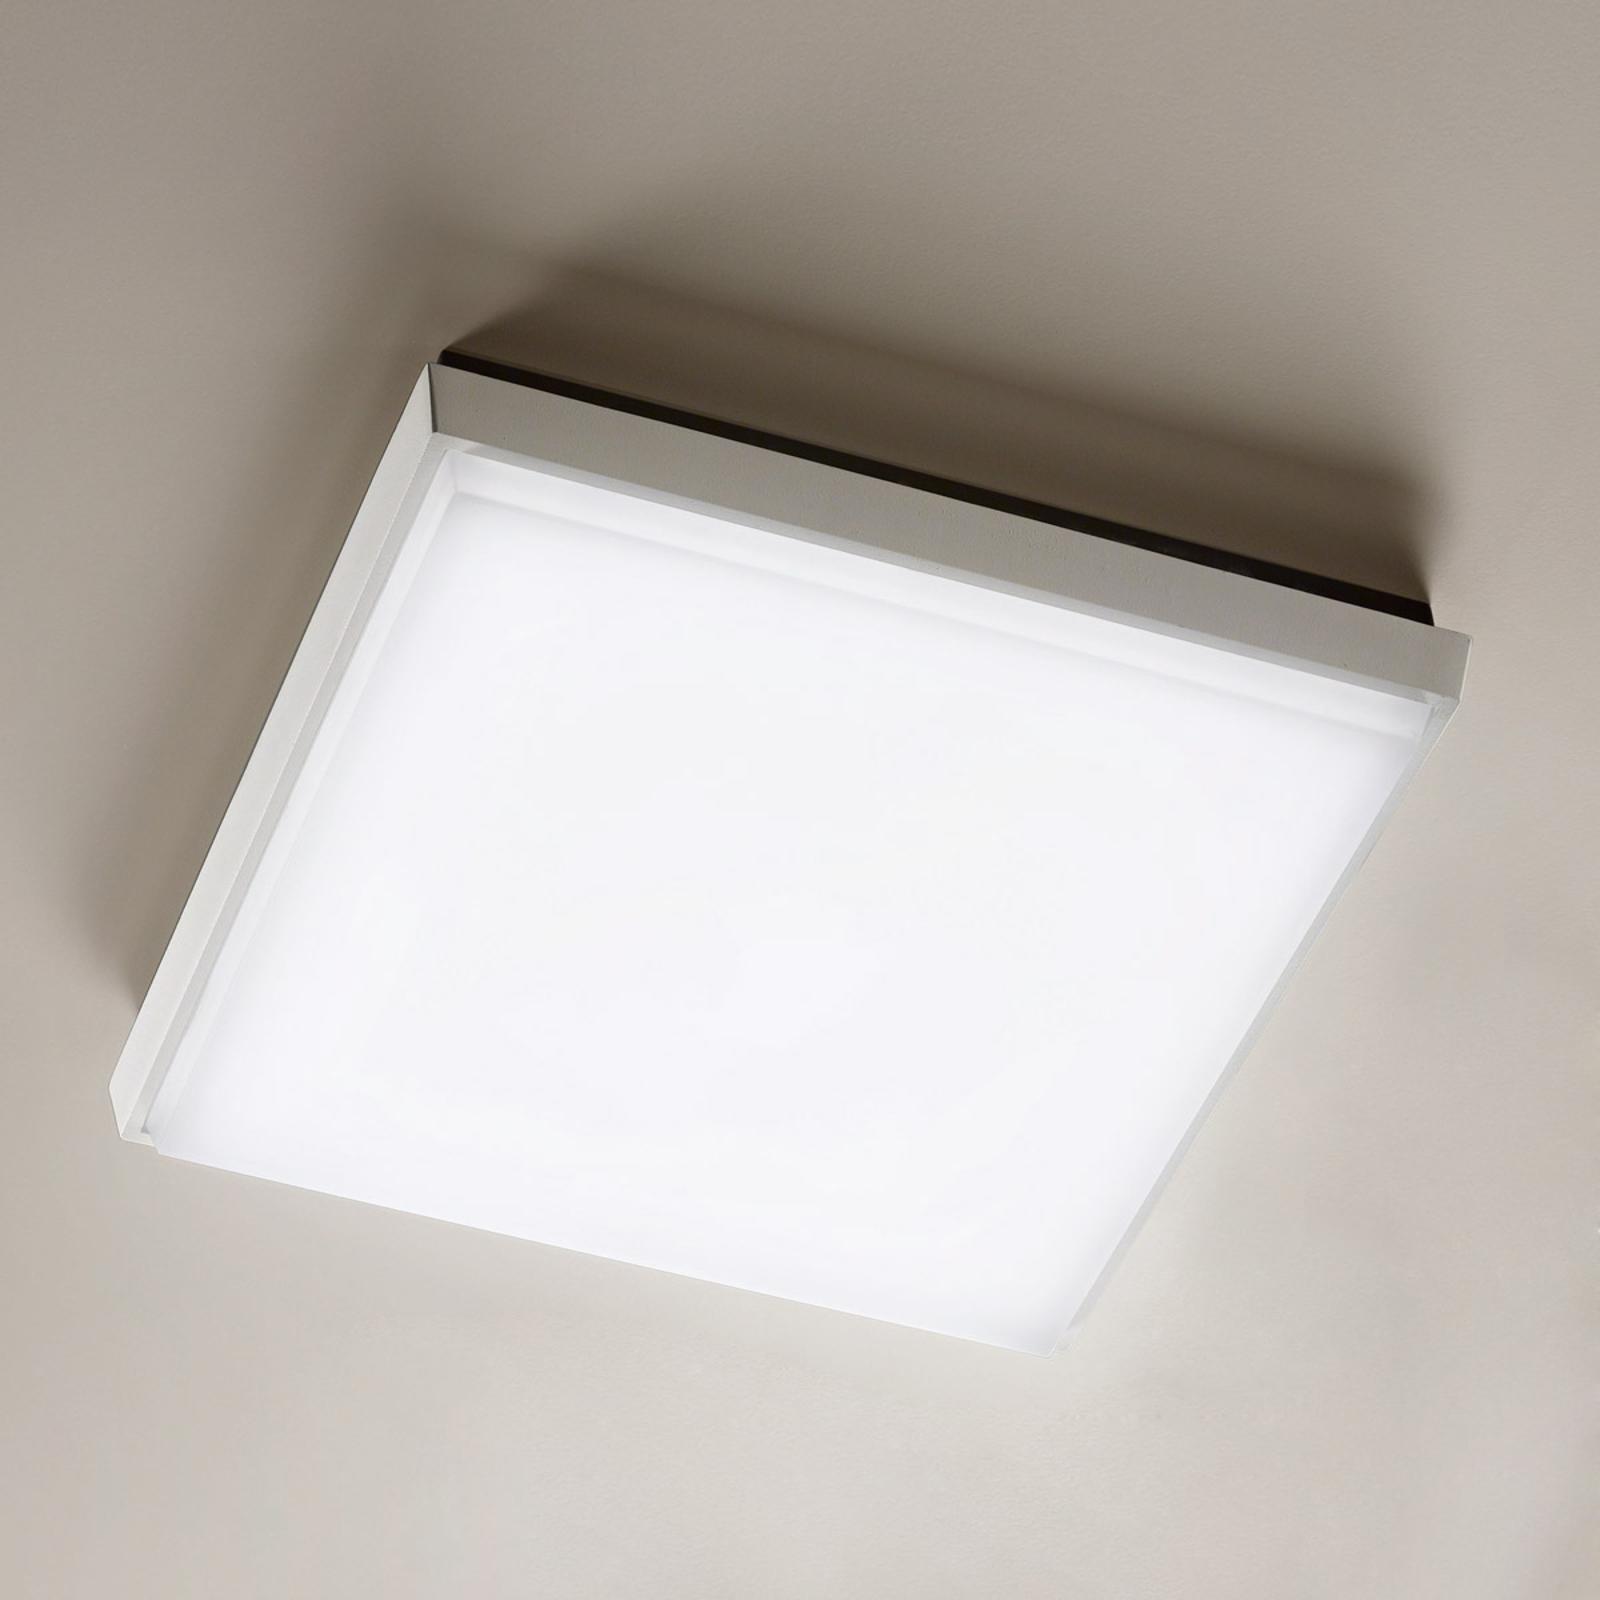 Kantet LED-taklampe Desdy for utendørsbruk